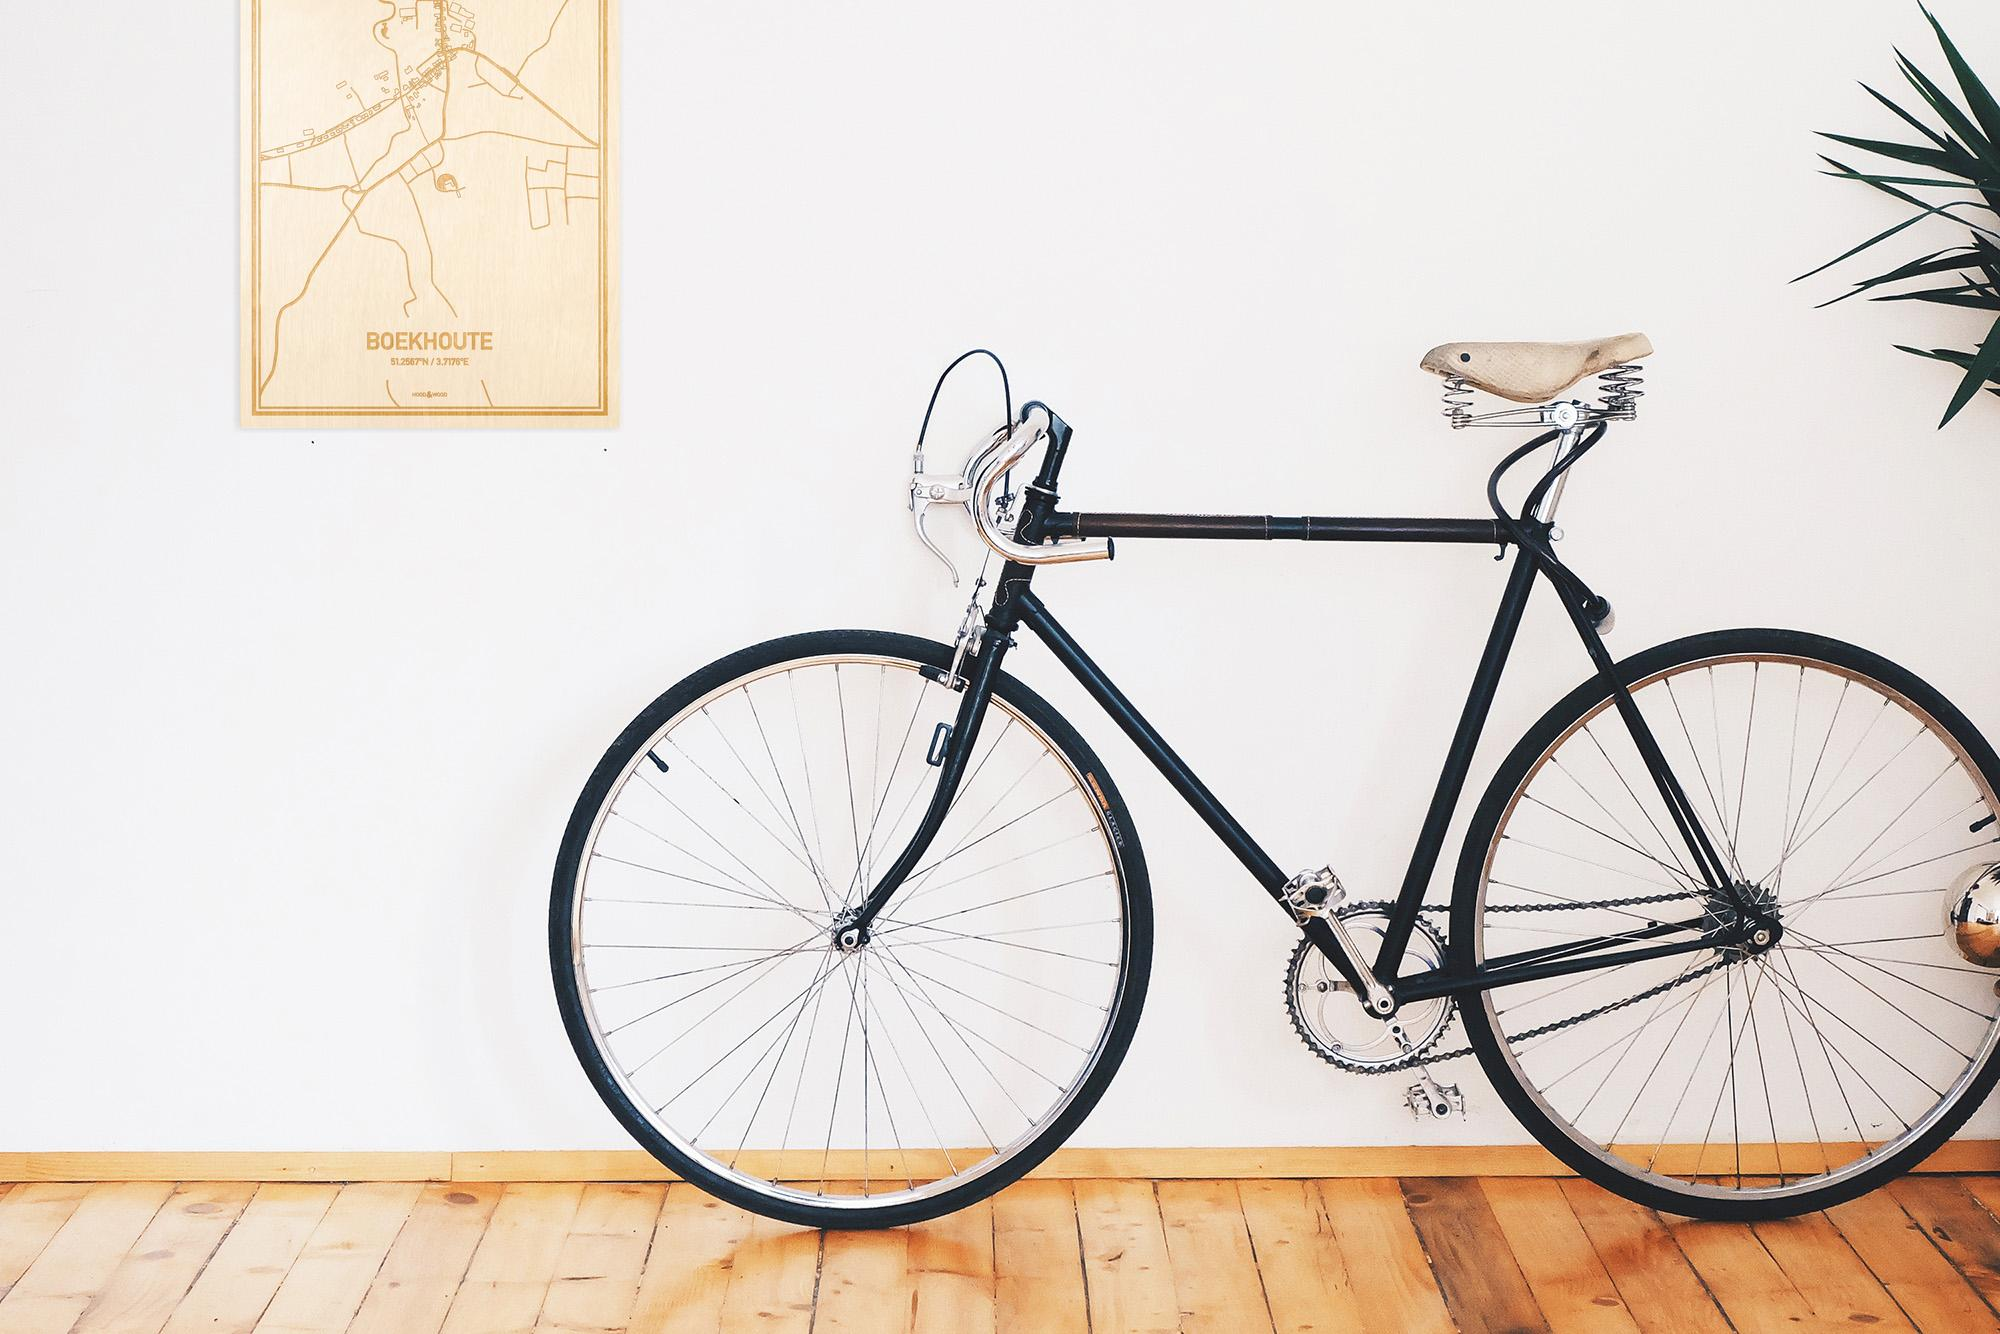 Een snelle fiets in een uniek interieur in Oost-Vlaanderen  met mooie decoratie zoals de plattegrond Boekhoute.